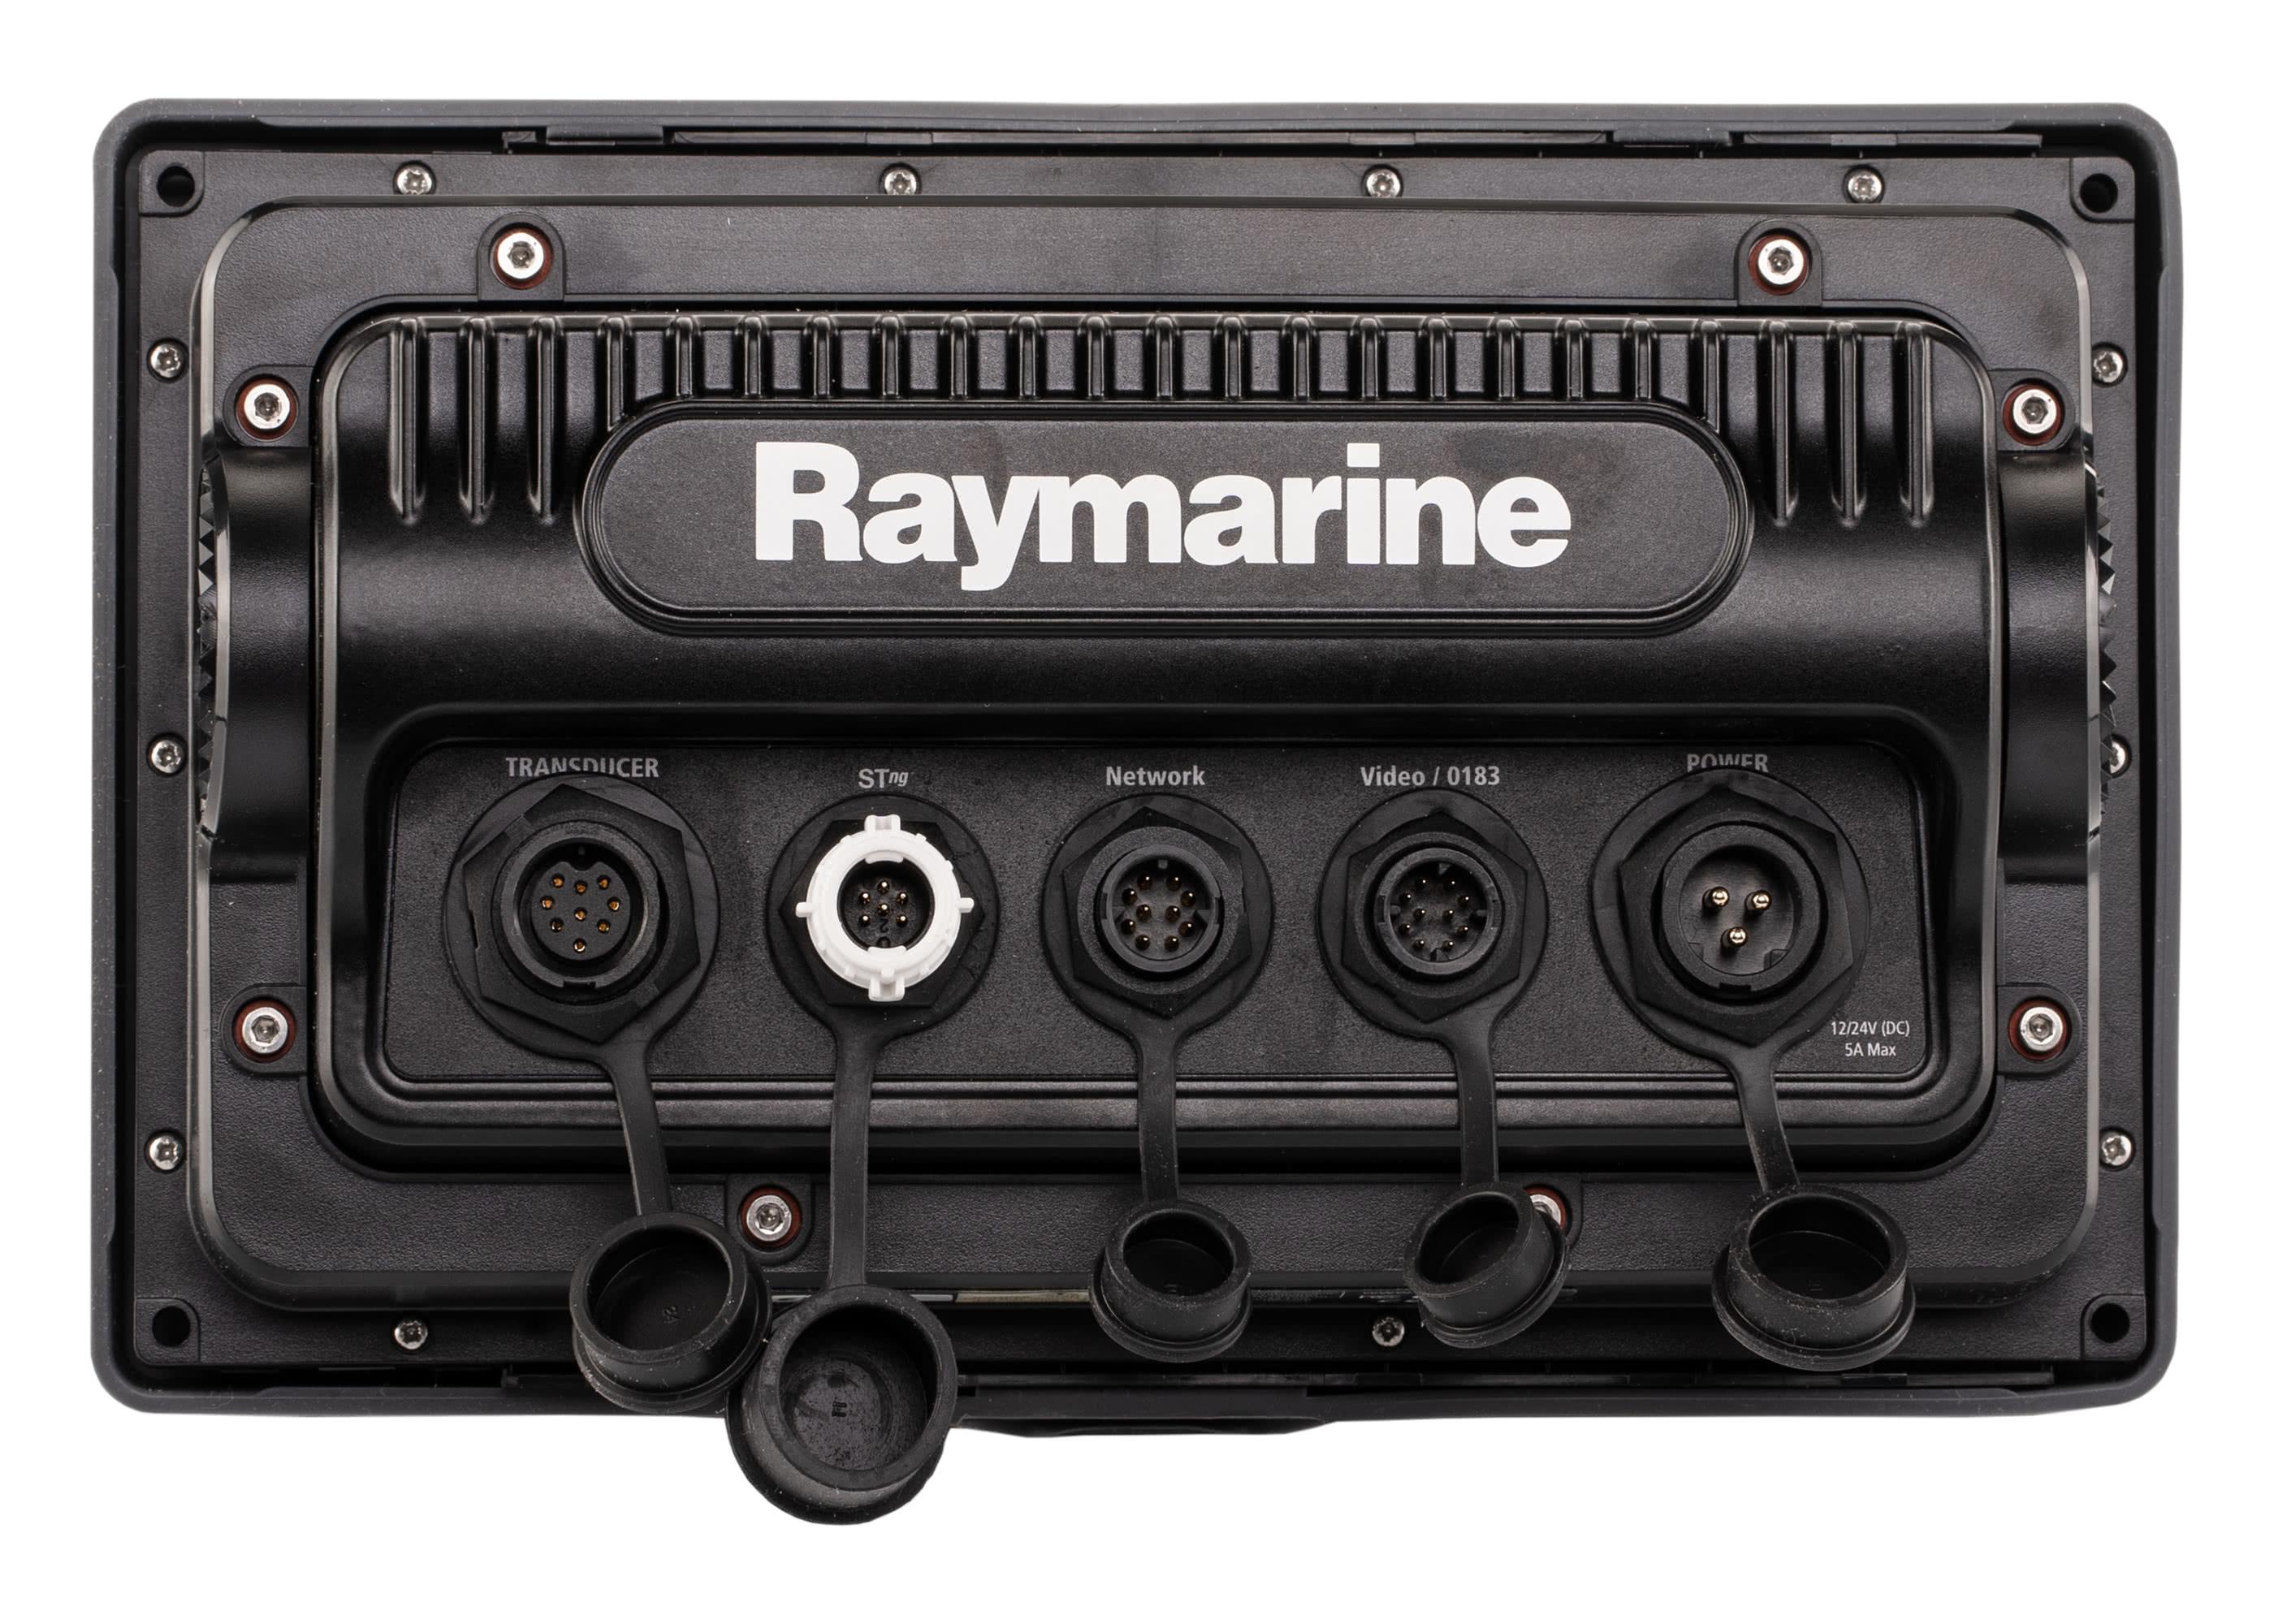 93572-Raymarine - Multifunktionsdisplay eS78-2.jpg